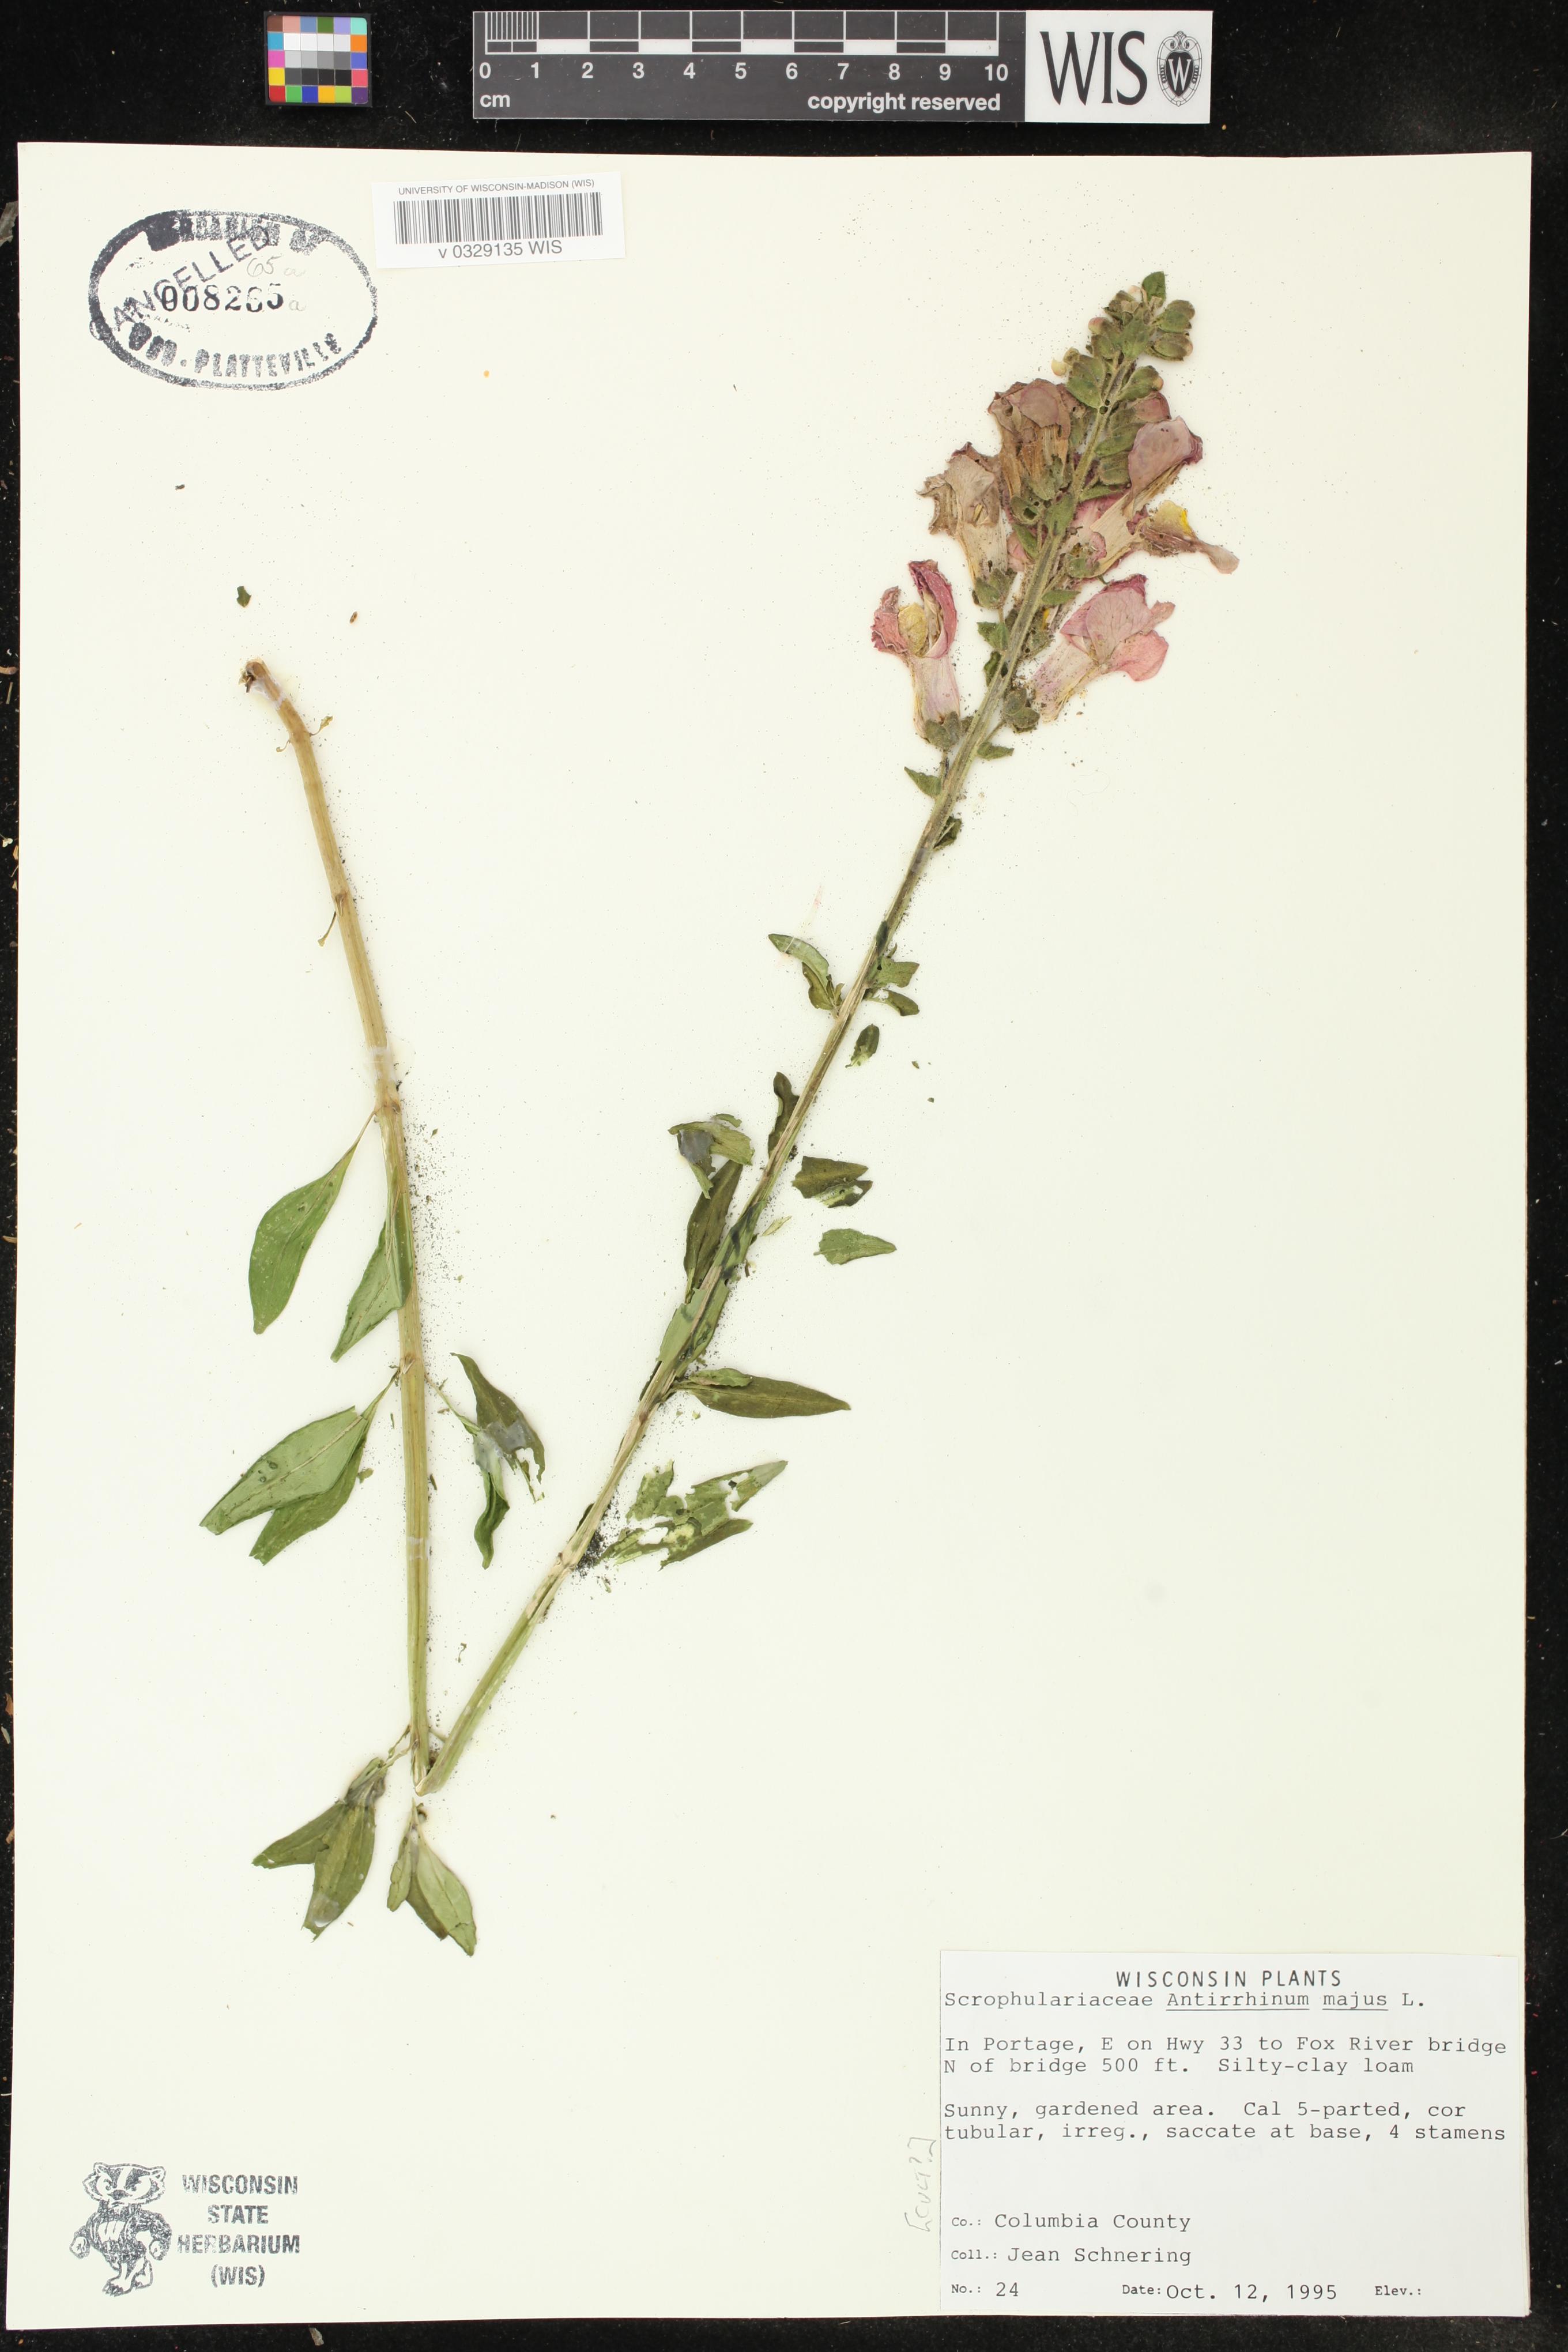 Image of Antirrhinum majus